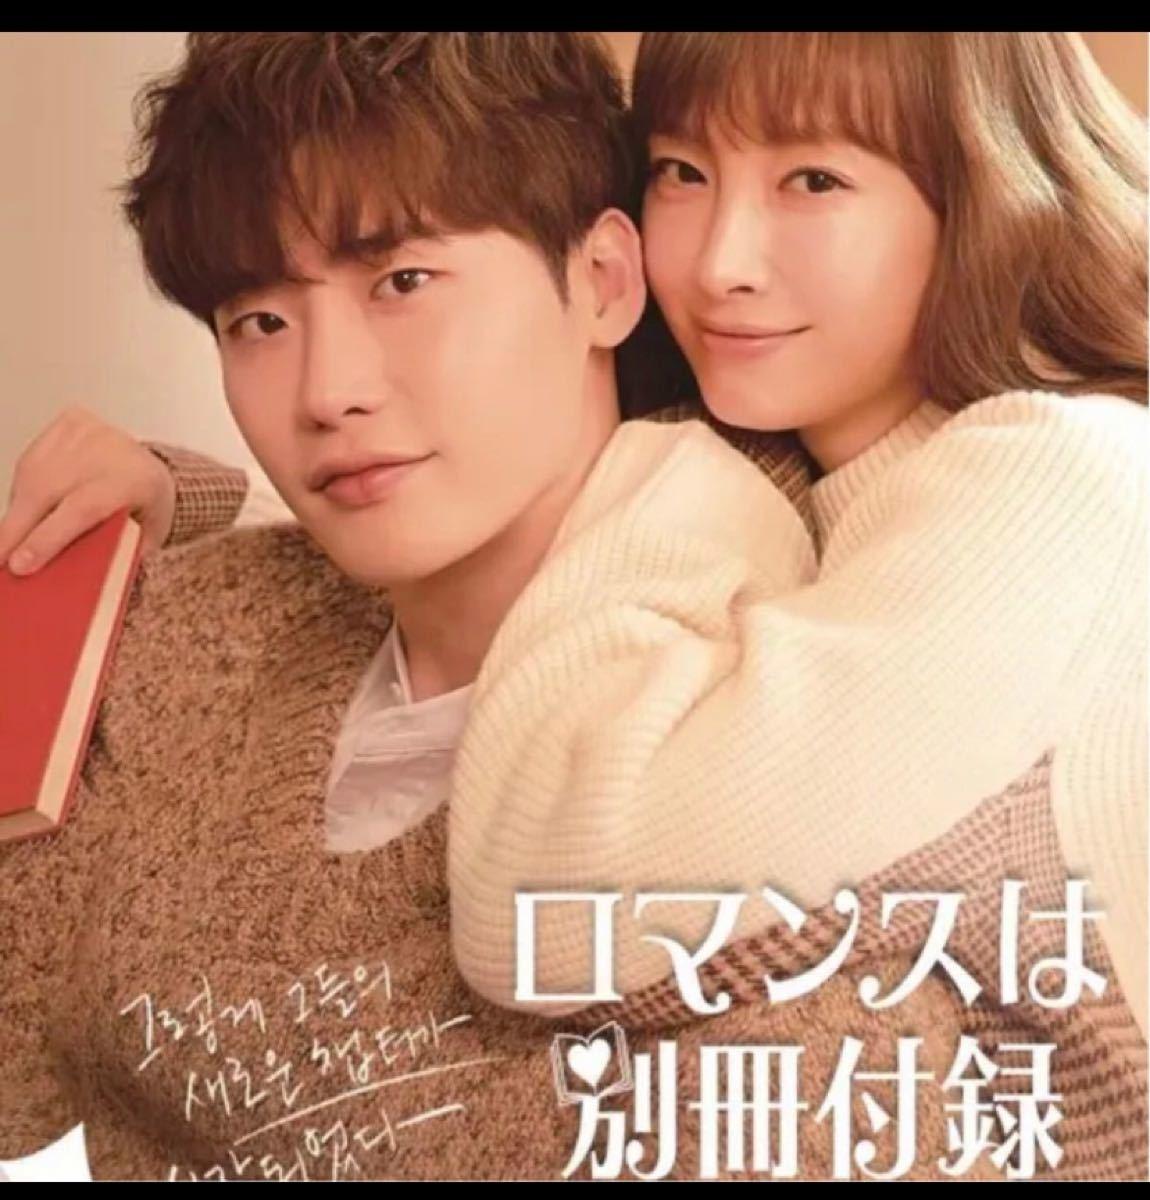 韓国ドラマ Blu-ray ロマンスは別冊付録  イ・ジョンソク 価格交渉不可